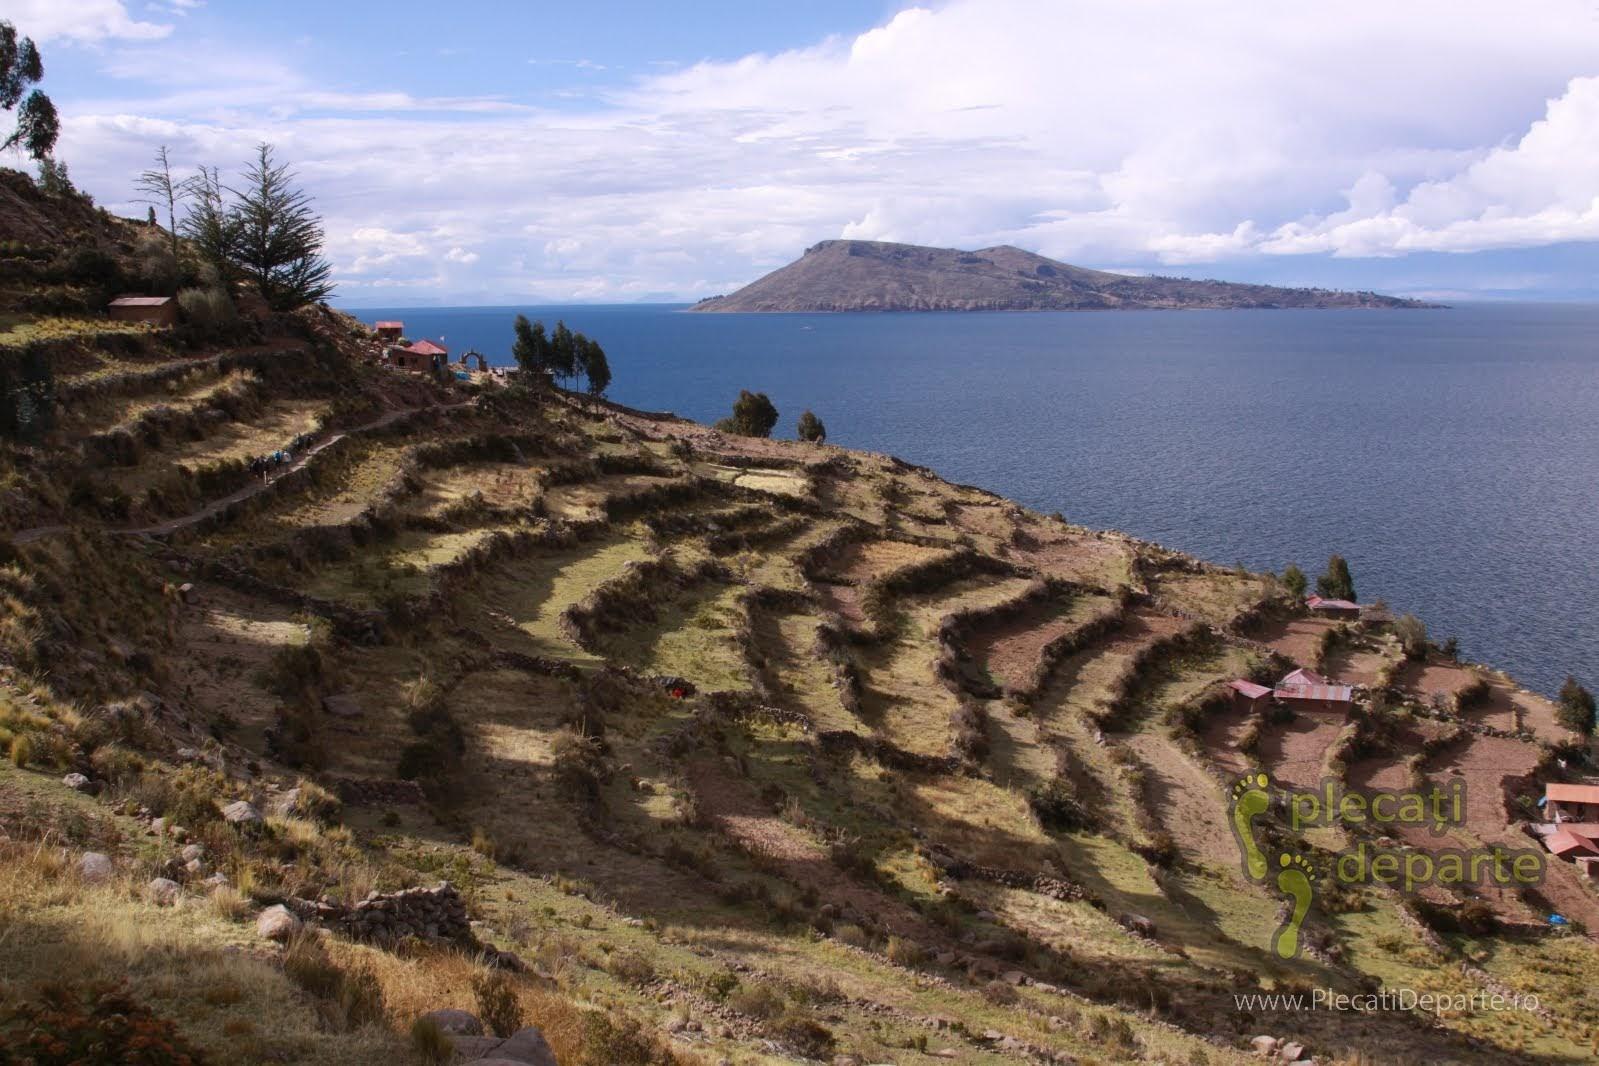 vedere spre insula Amantani, de pe Insula Taquile, pe Lacul Titicaca, la 4000m in Peru